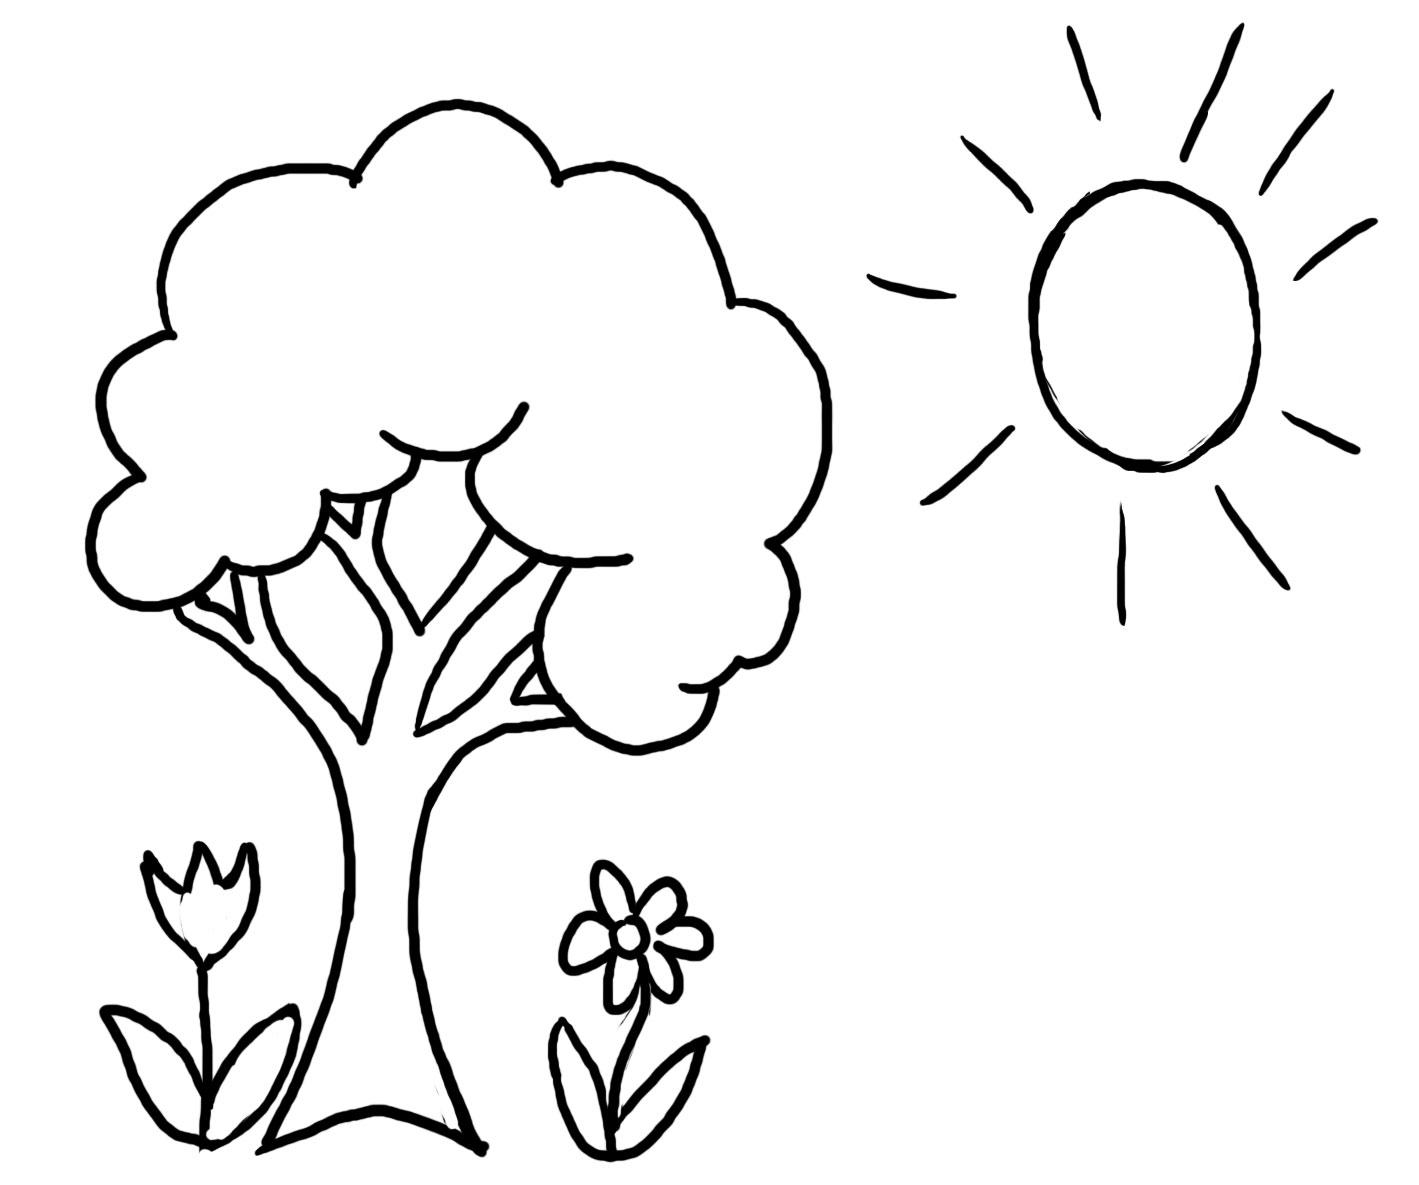 Dibujos de Áboles para Colorear e Imprimir Gratis